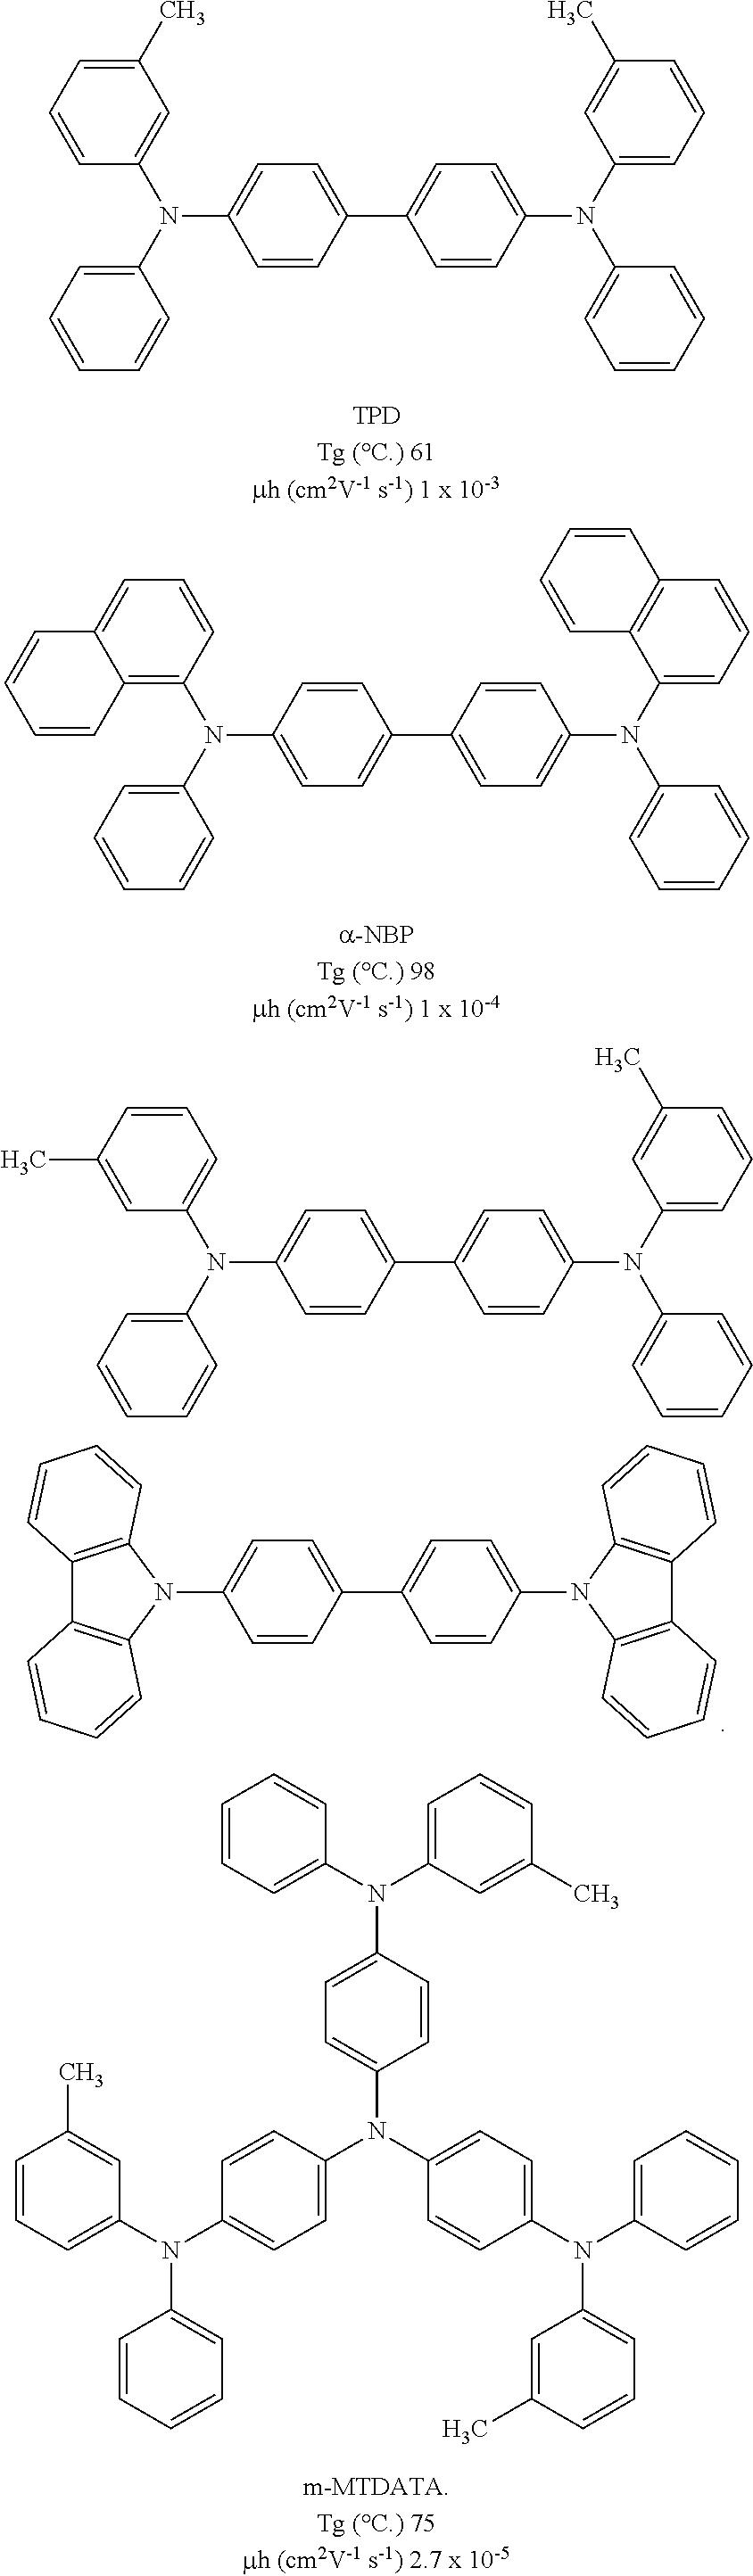 Figure US20100327264A1-20101230-C00006